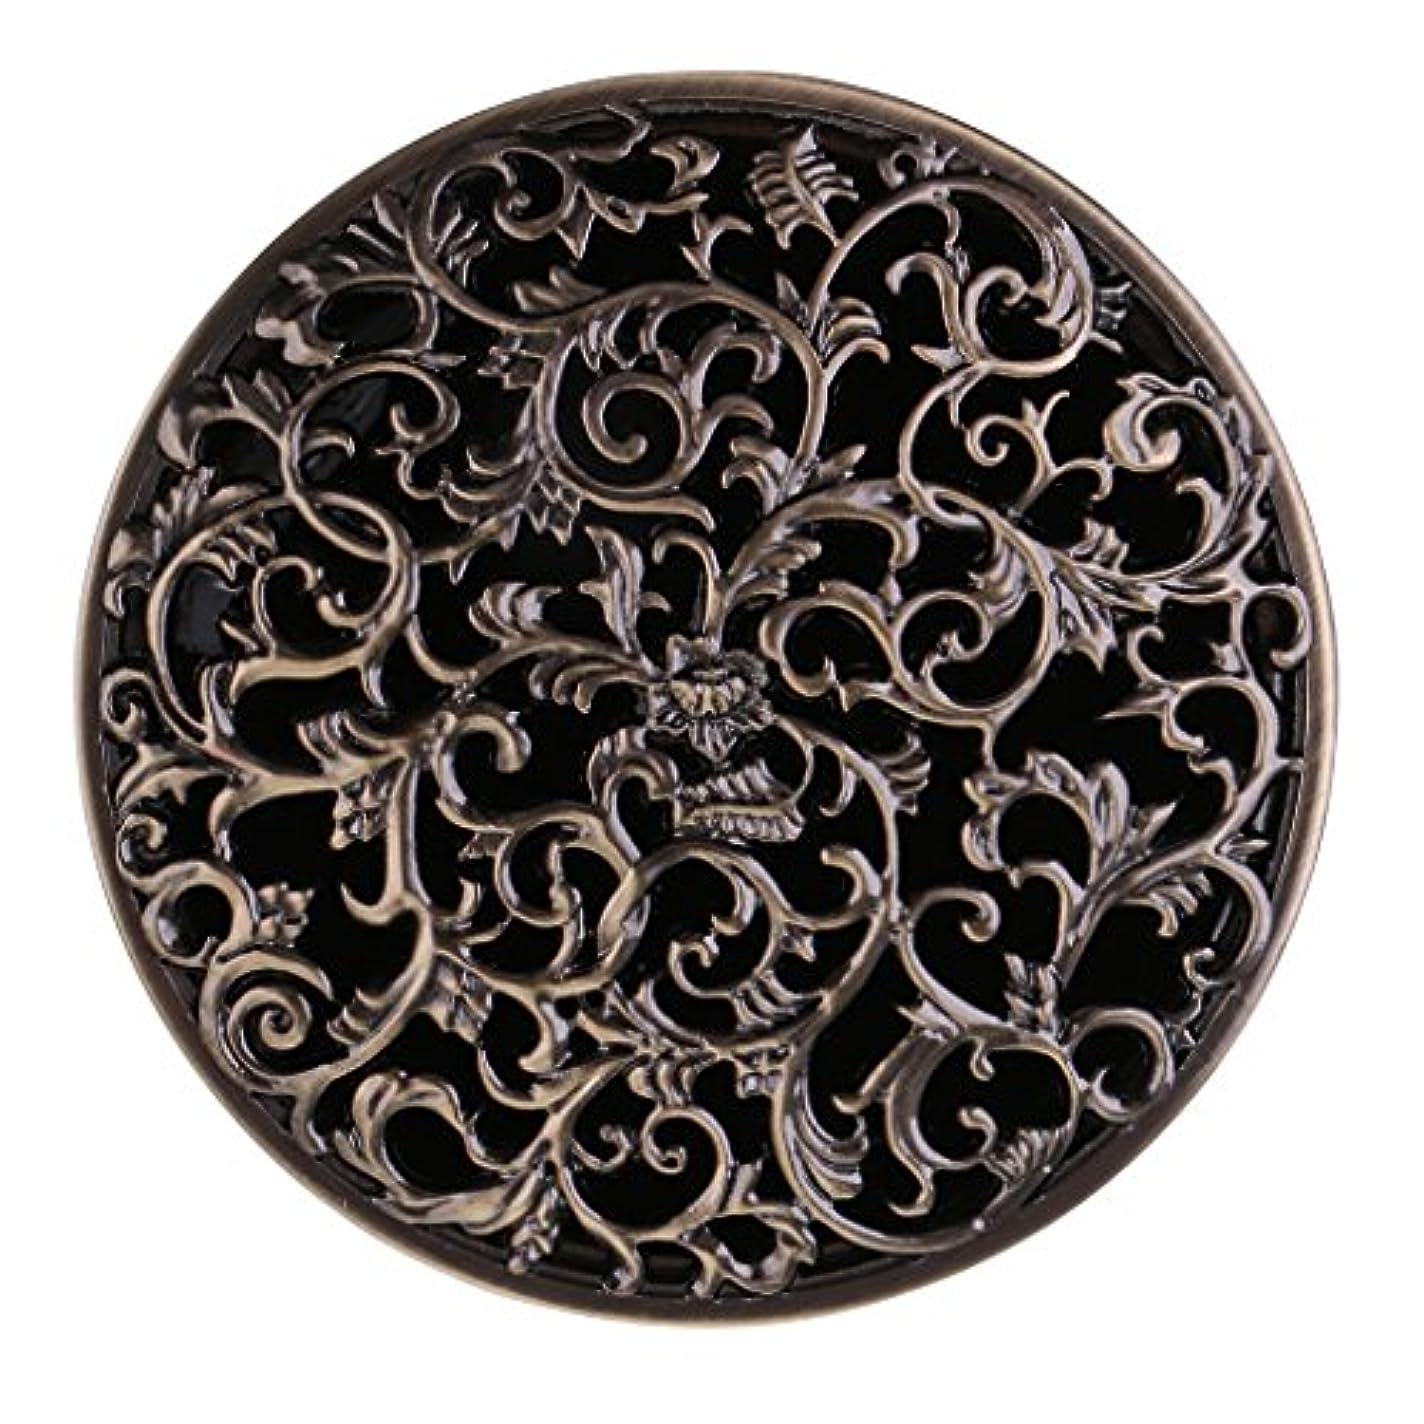 しみ九時四十五分多数のBaoblaze チベット 合金 香炉 コーンホルダー 仏教 香りバーナー ボックス 家 装飾 全3色   - ブロンズ